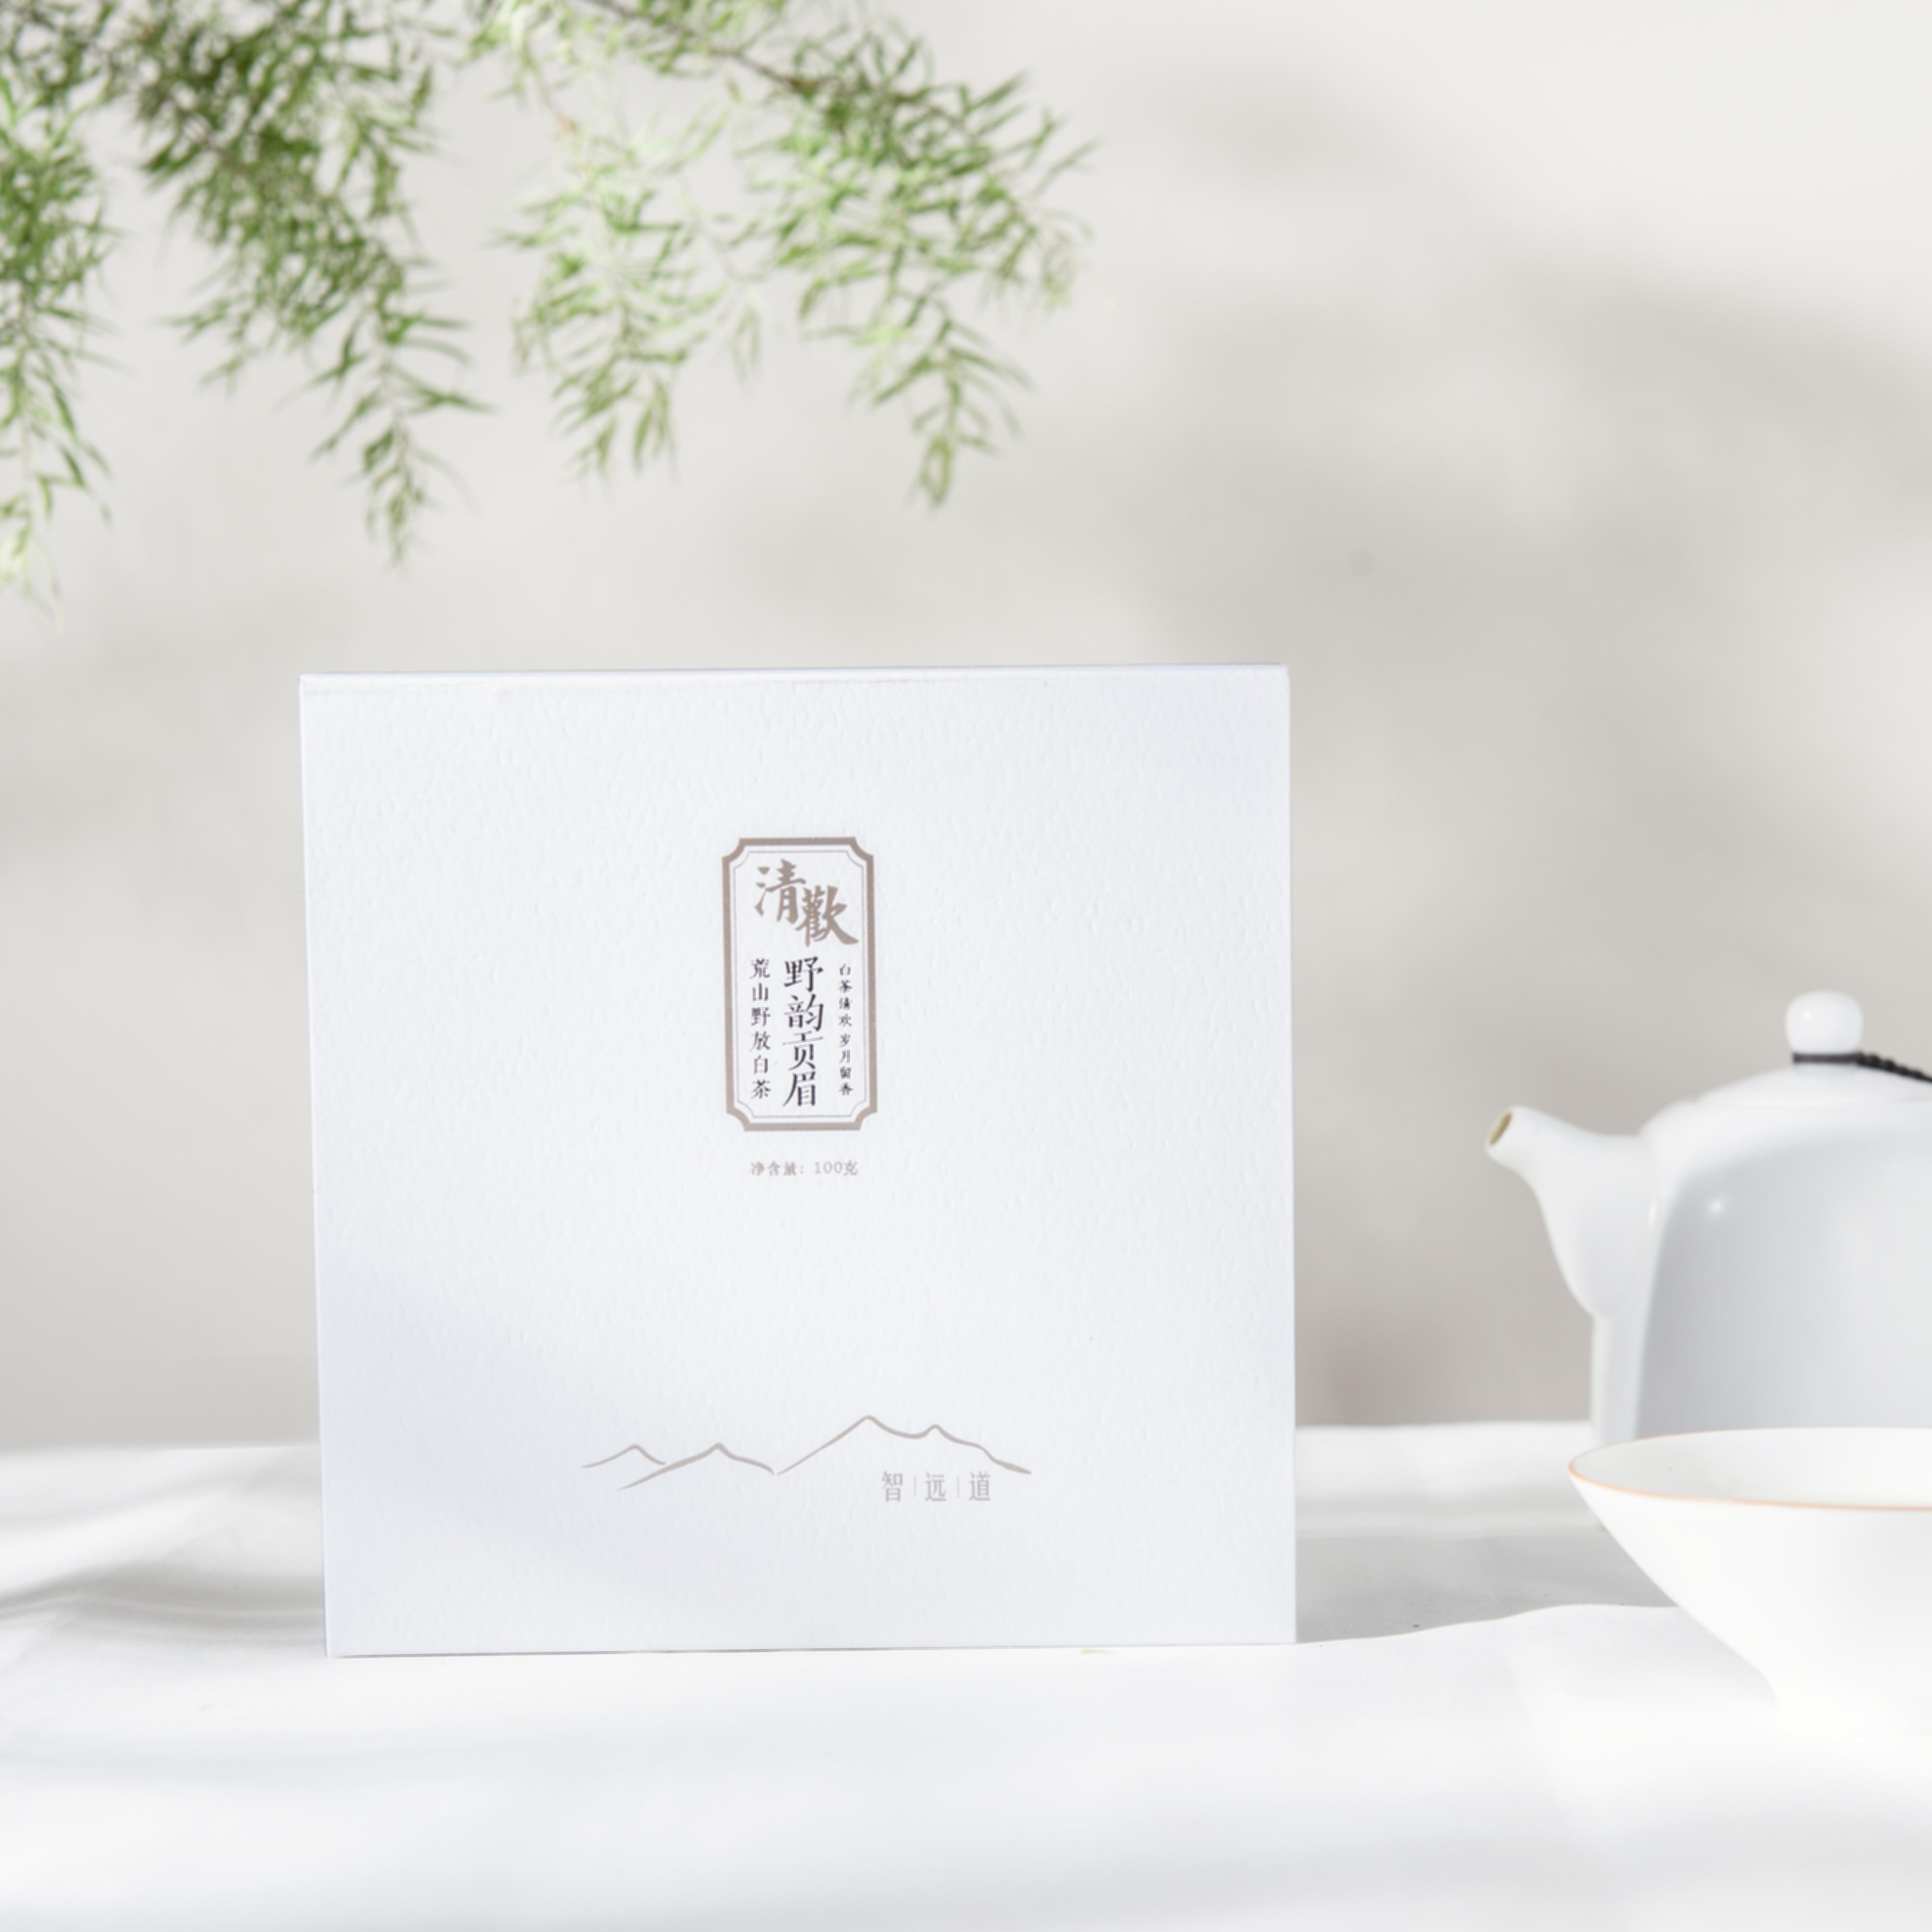 福鼎白茶荒山野放茶 口感清甜宜藏白茶 自饮装100g